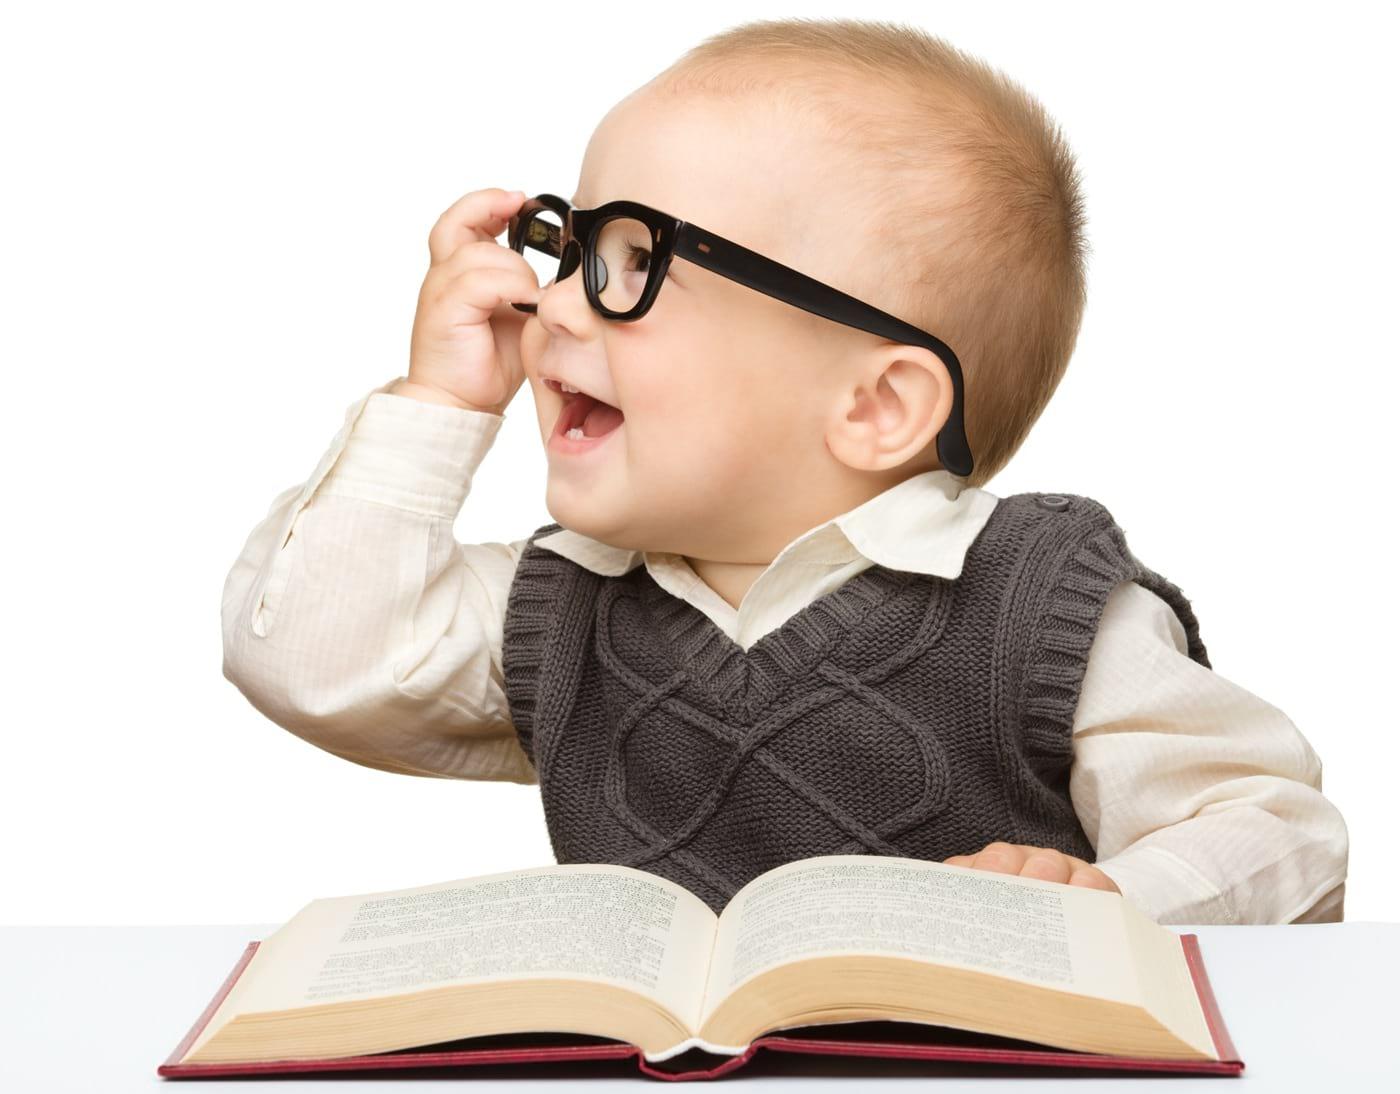 Małe dziecko wokularach czyta książkę